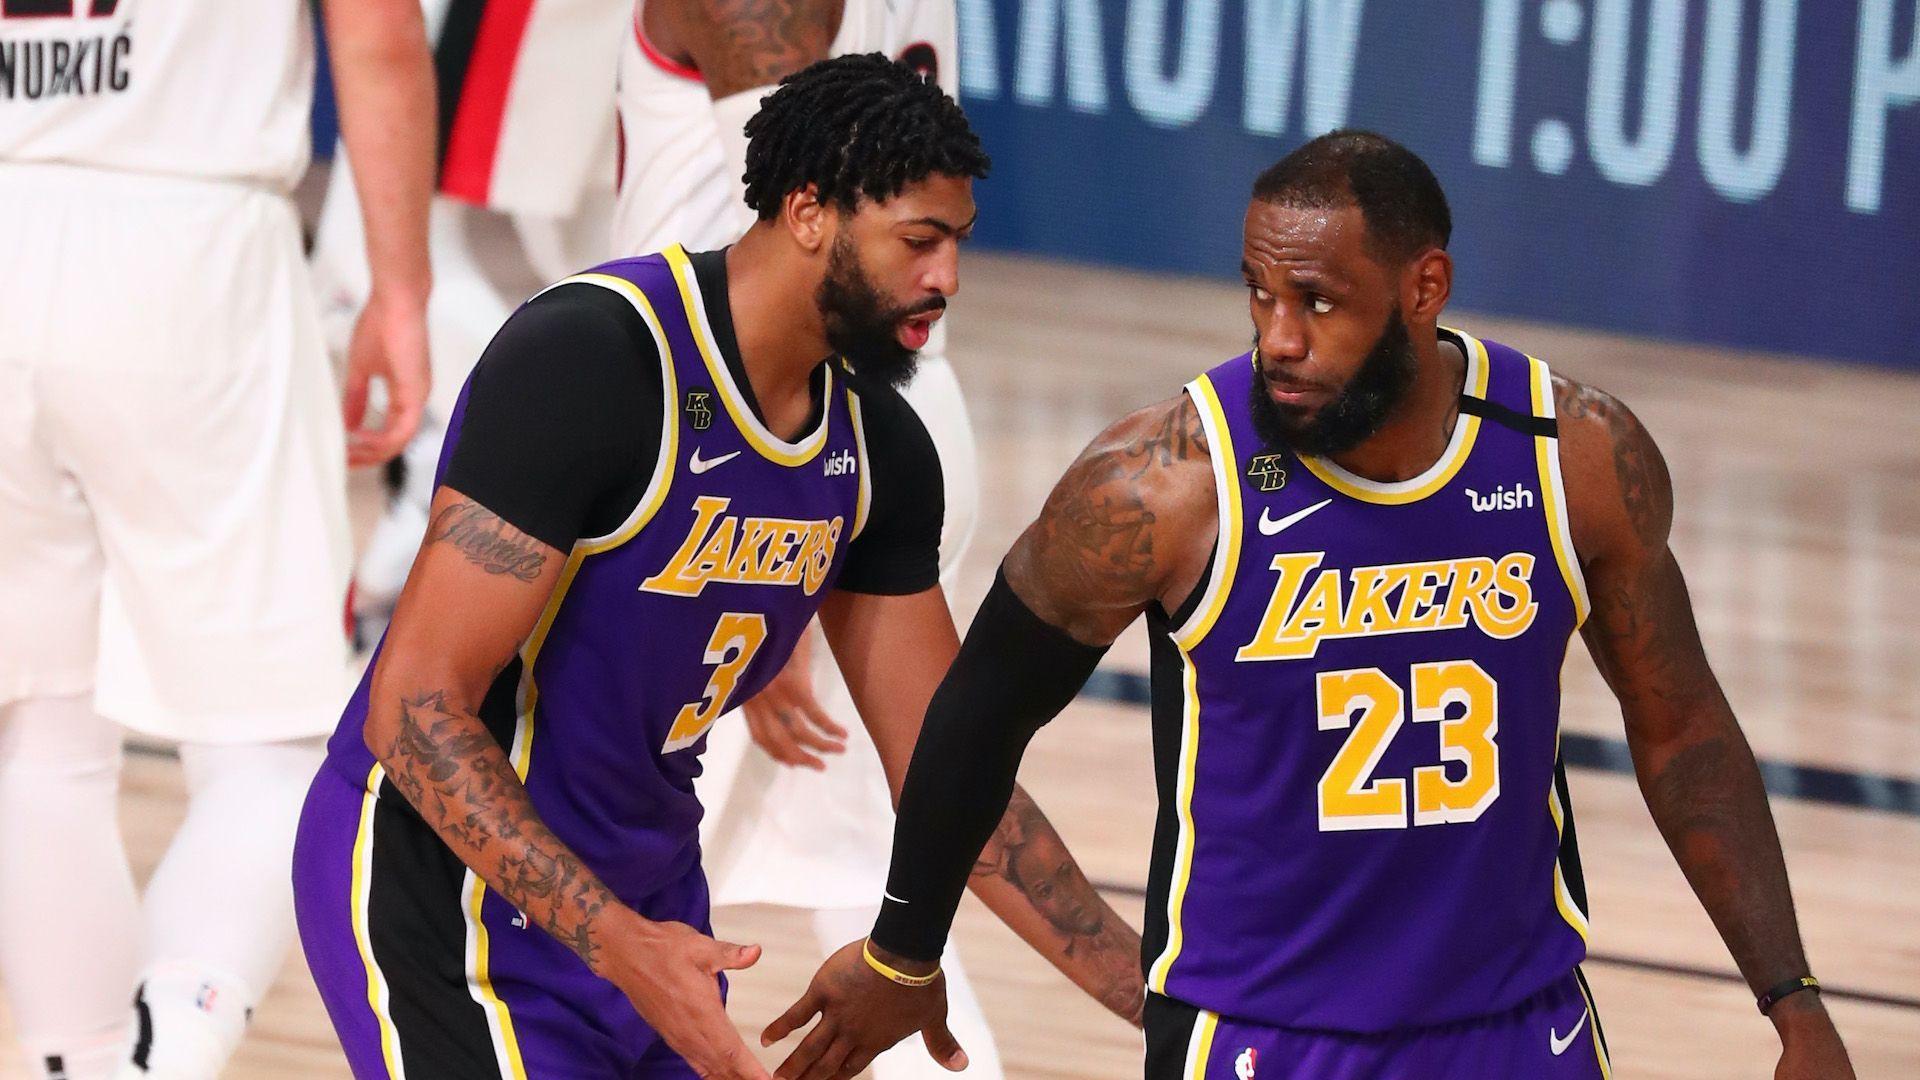 Фаворитите за титлата в НБА вече водят в плейофните си серии